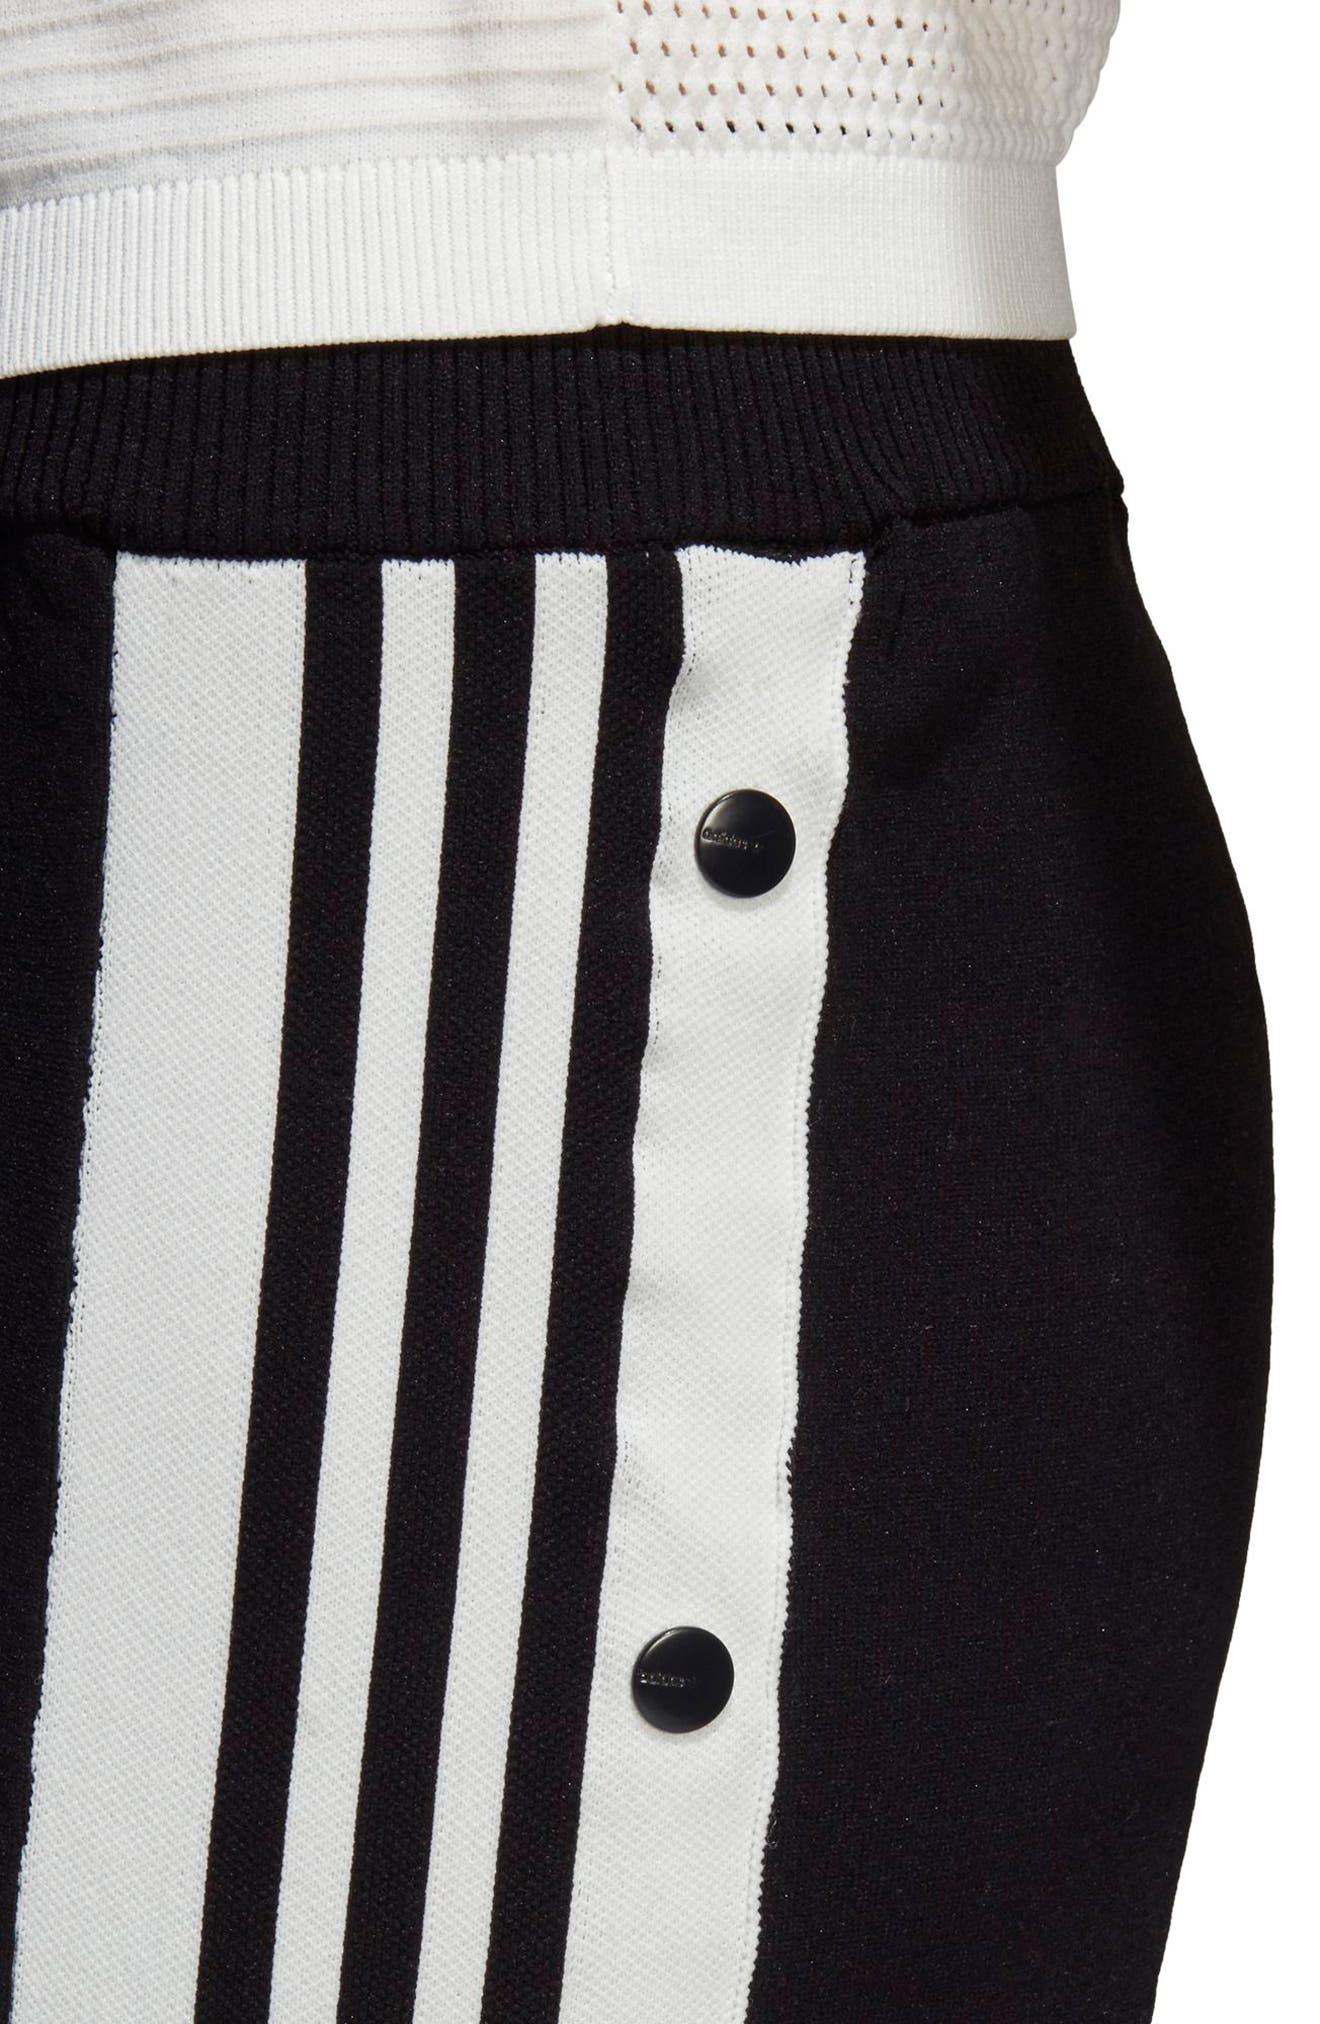 Adibreak Track Pants,                             Alternate thumbnail 8, color,                             BLACK